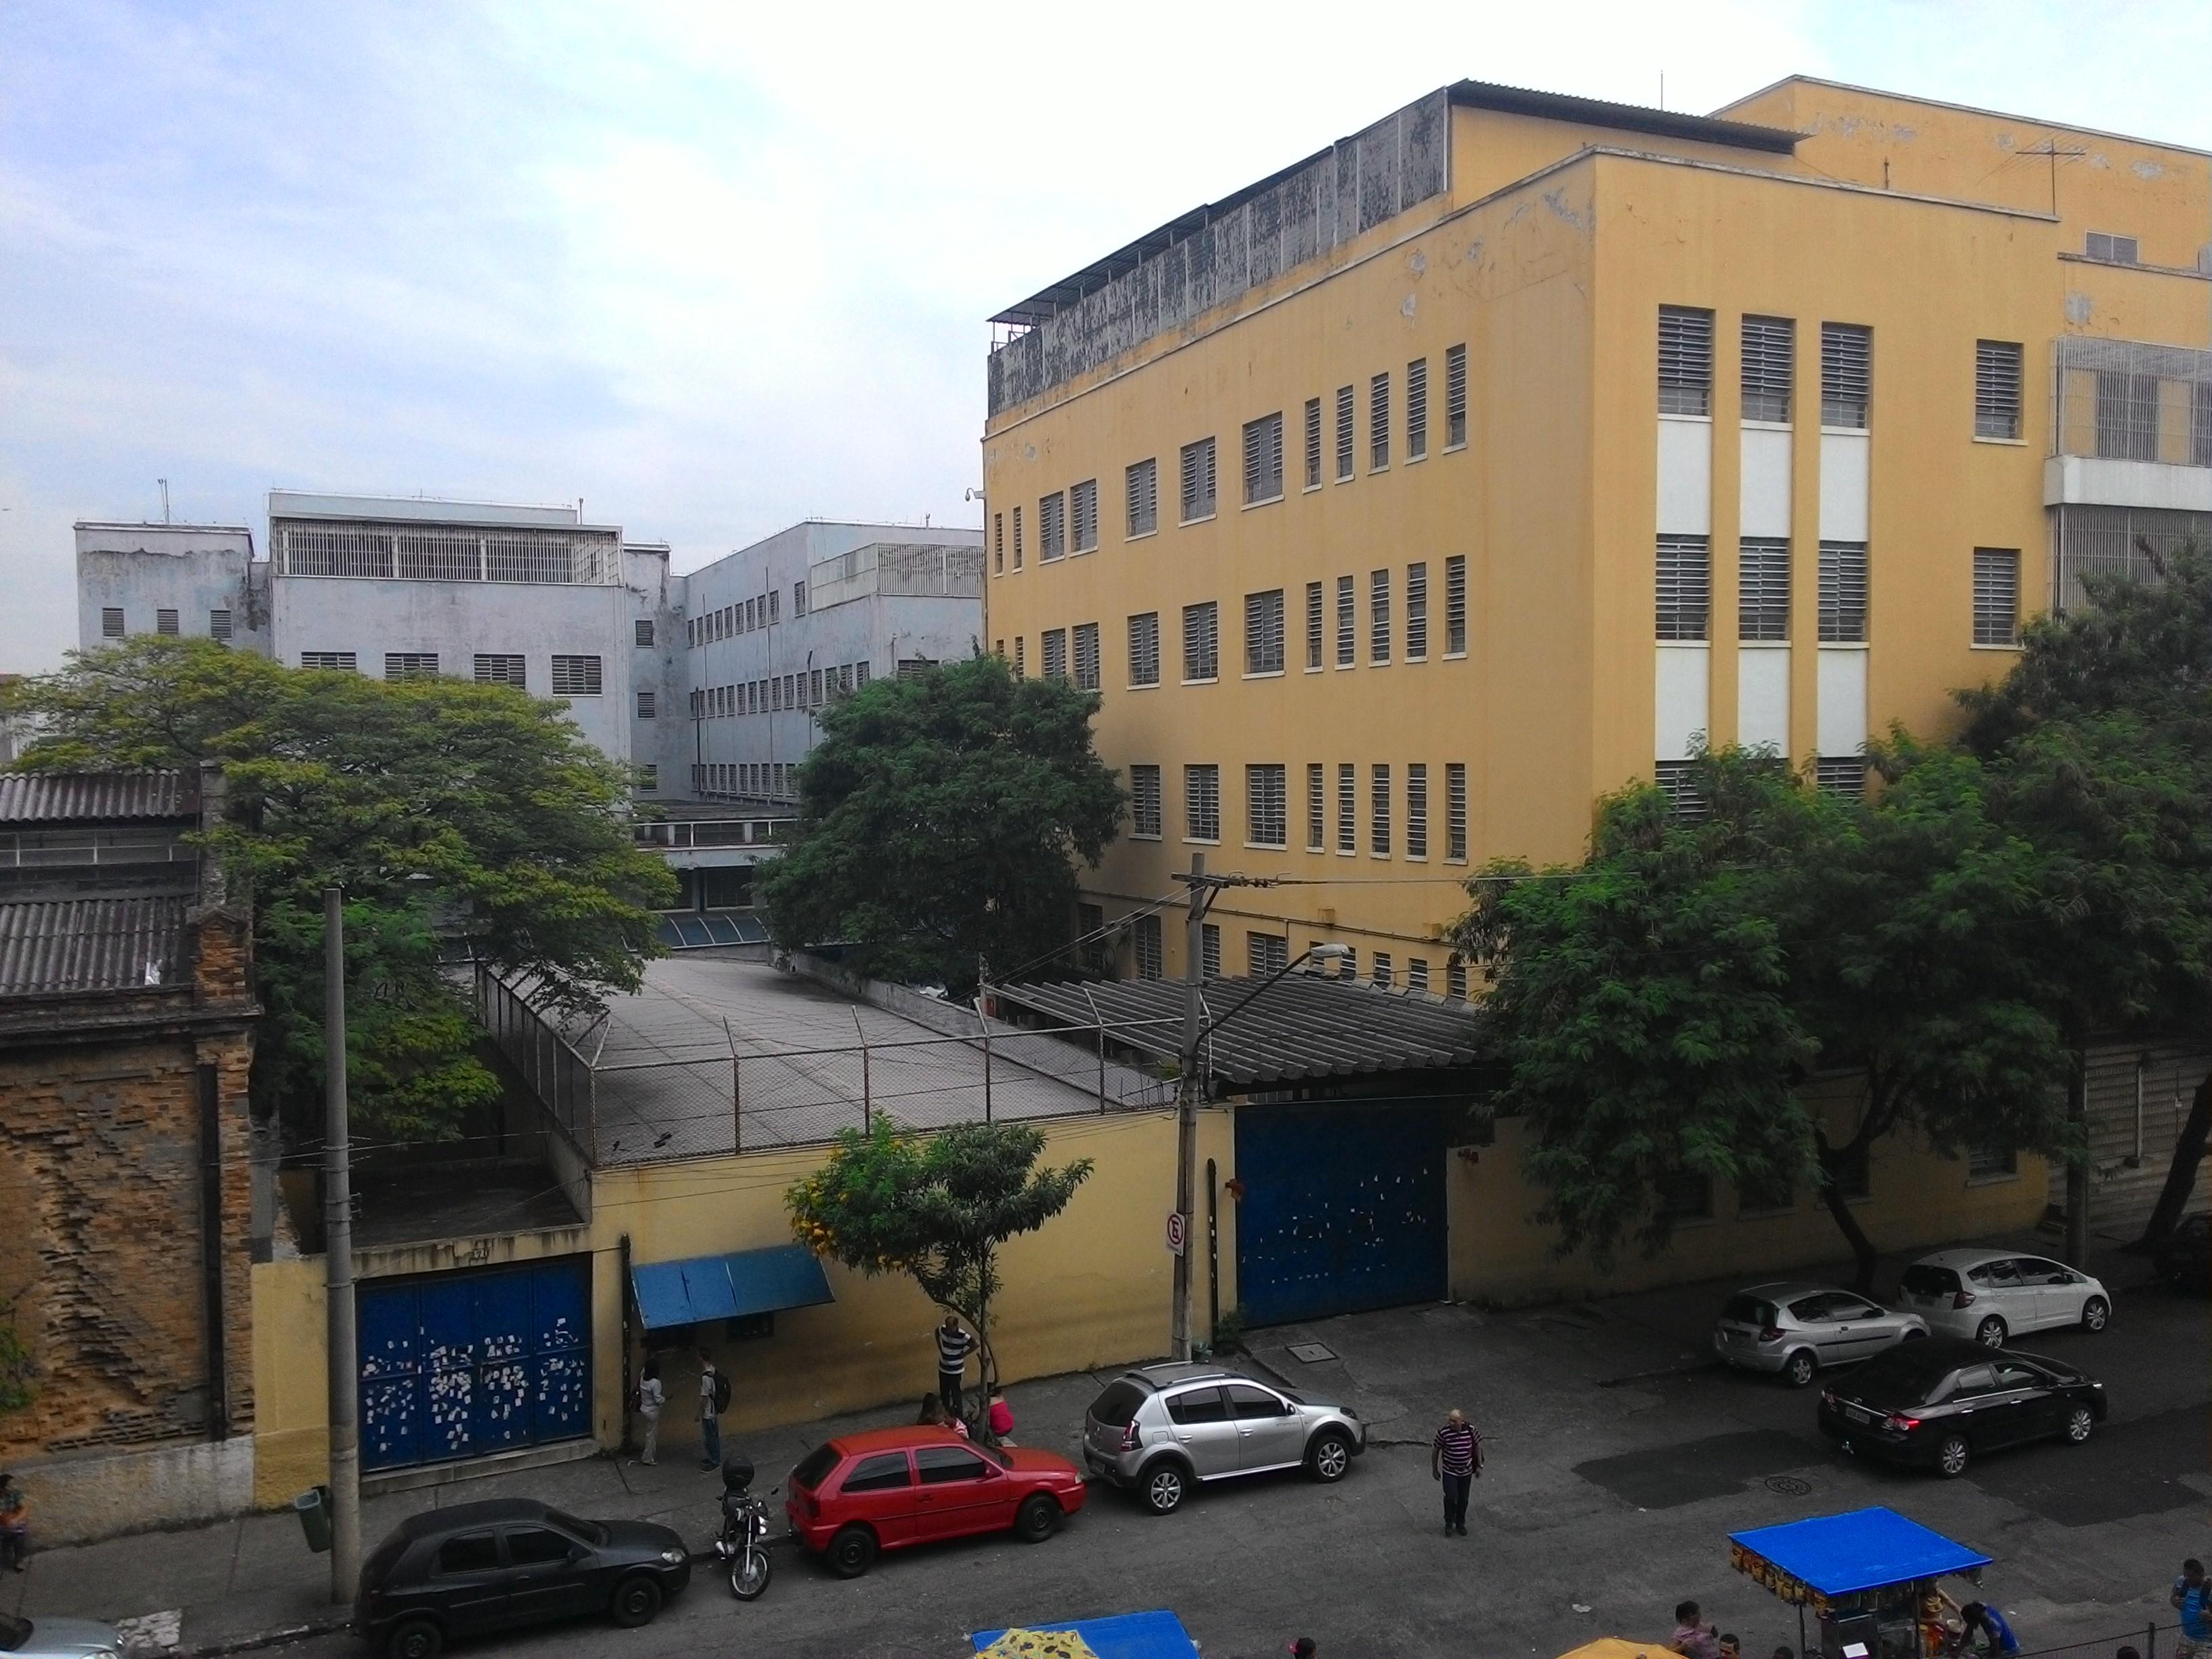 Entrada do Complexo Brás pela rua Coronel Mursa, 270 - Foto Paulo Eduardo Dias